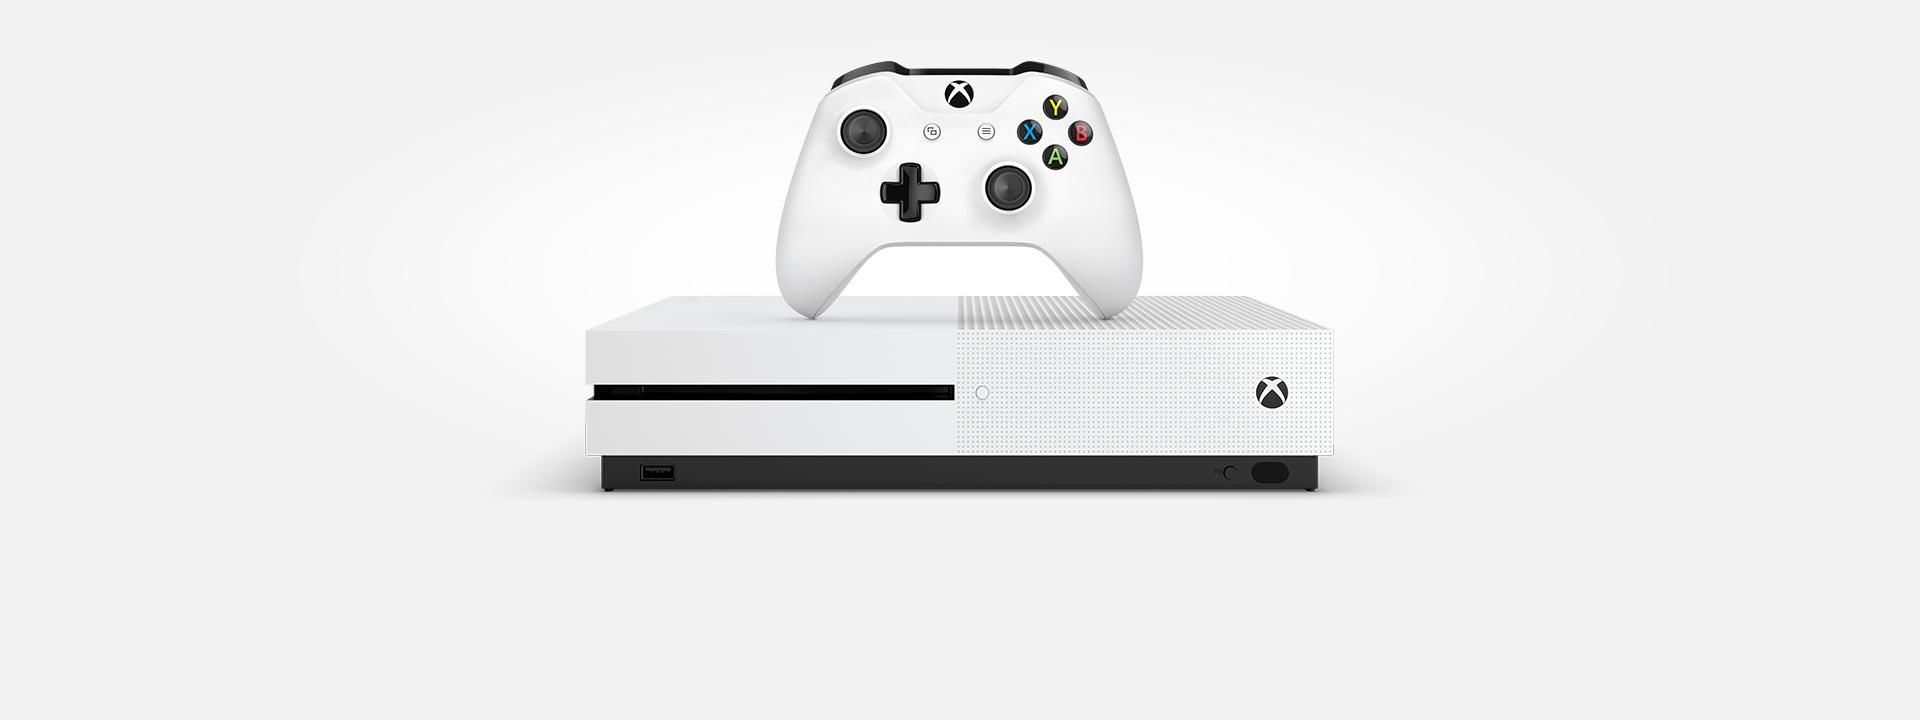 Comando e consola Xbox One S, compre agora